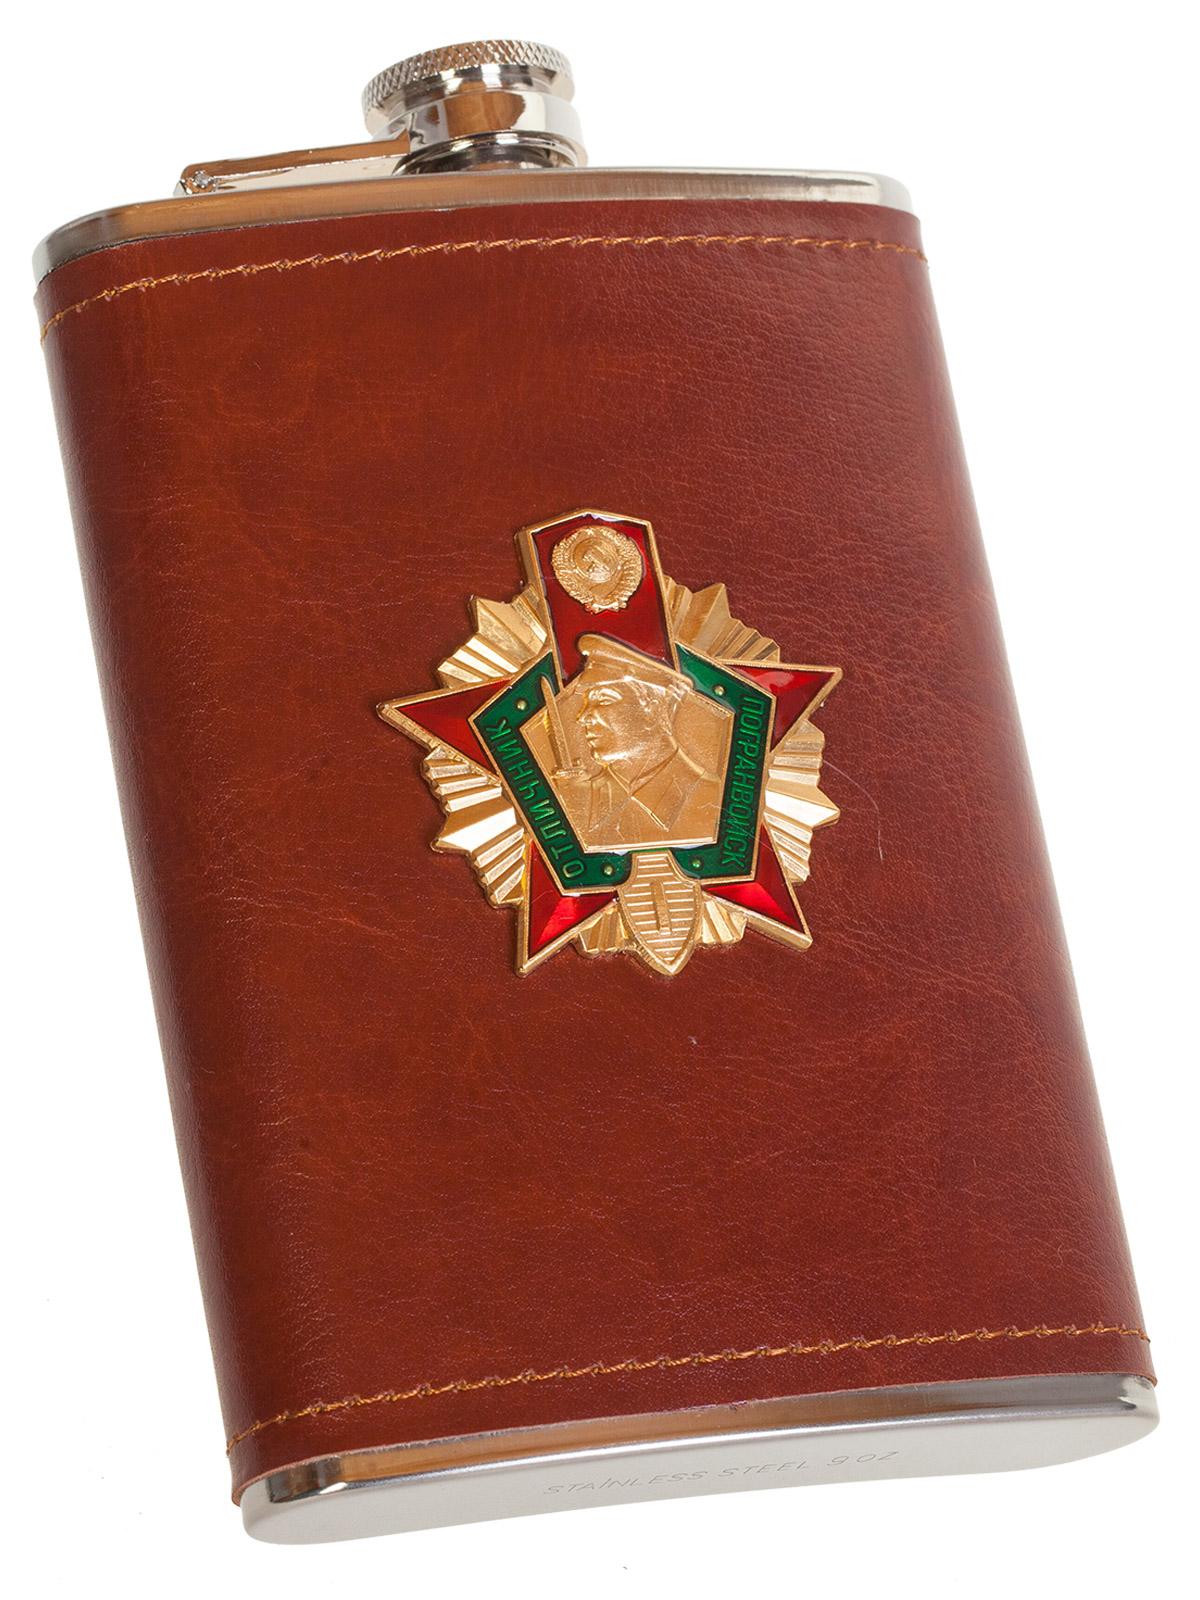 Мужская оригинальная фляга с металлической накладкой Погранвойска - купить с доставкой